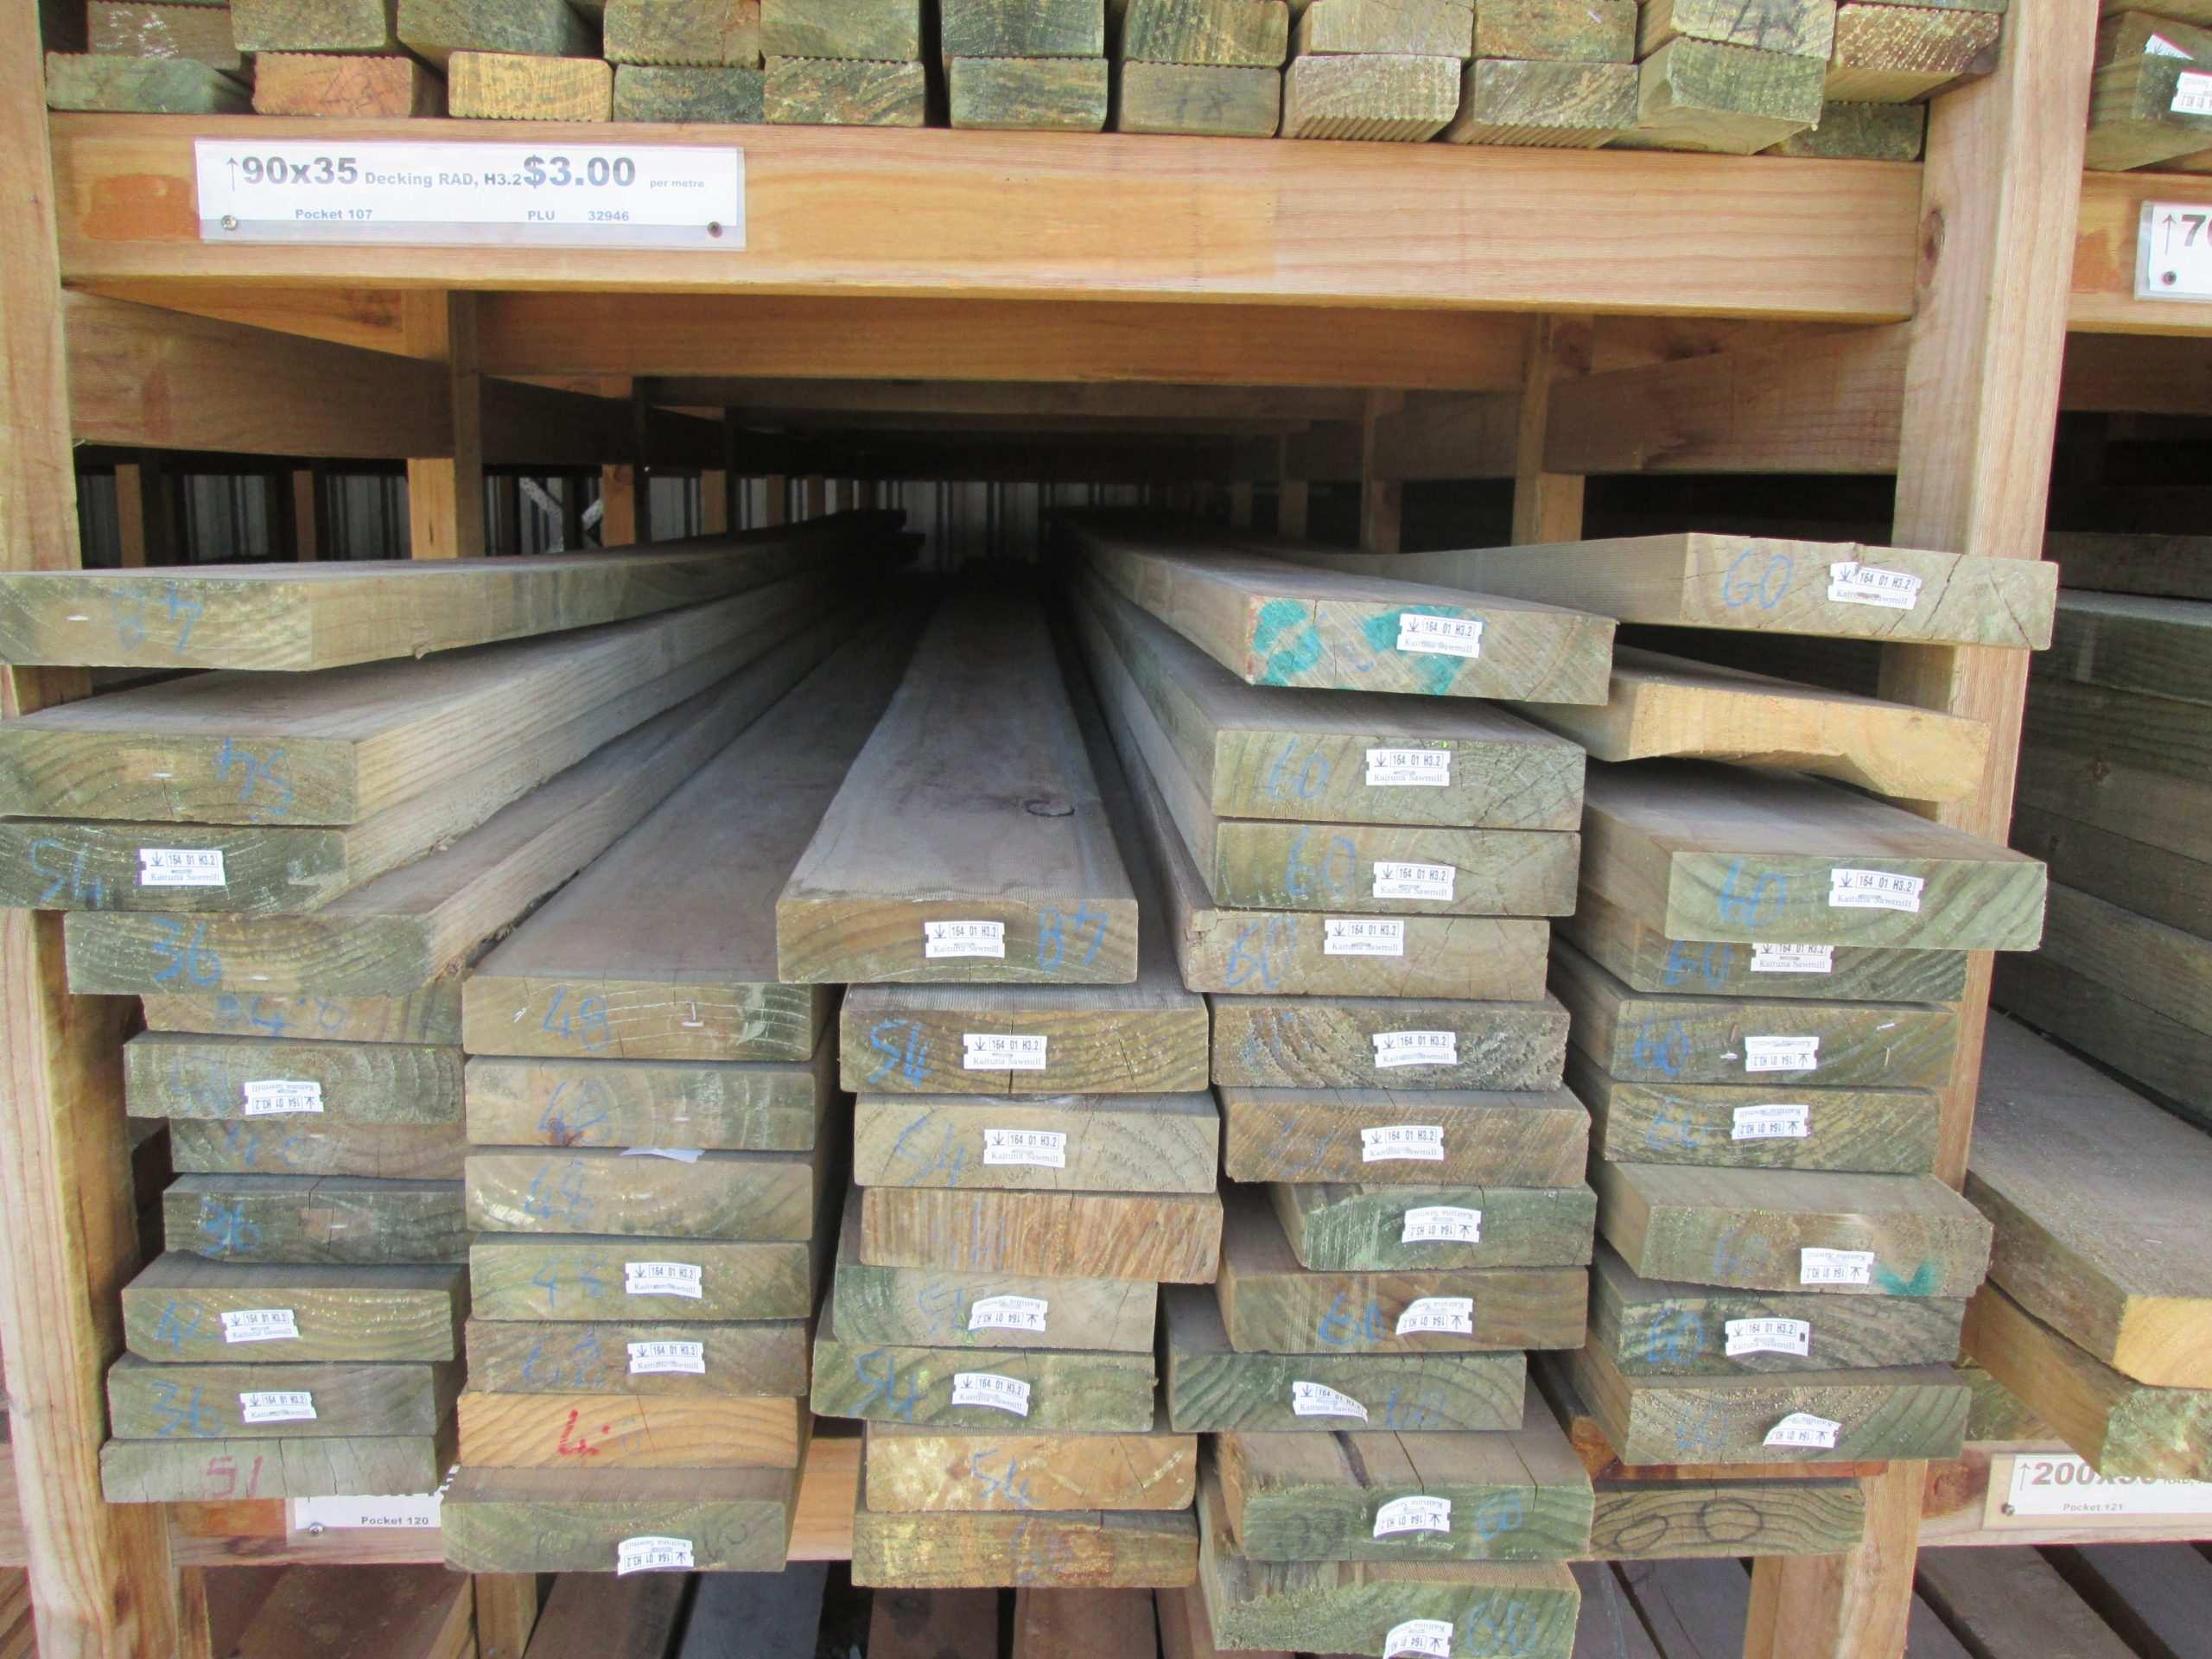 Rough Sawn H3 2 Treated Pine 200 X 50mm Musgroves Ltd